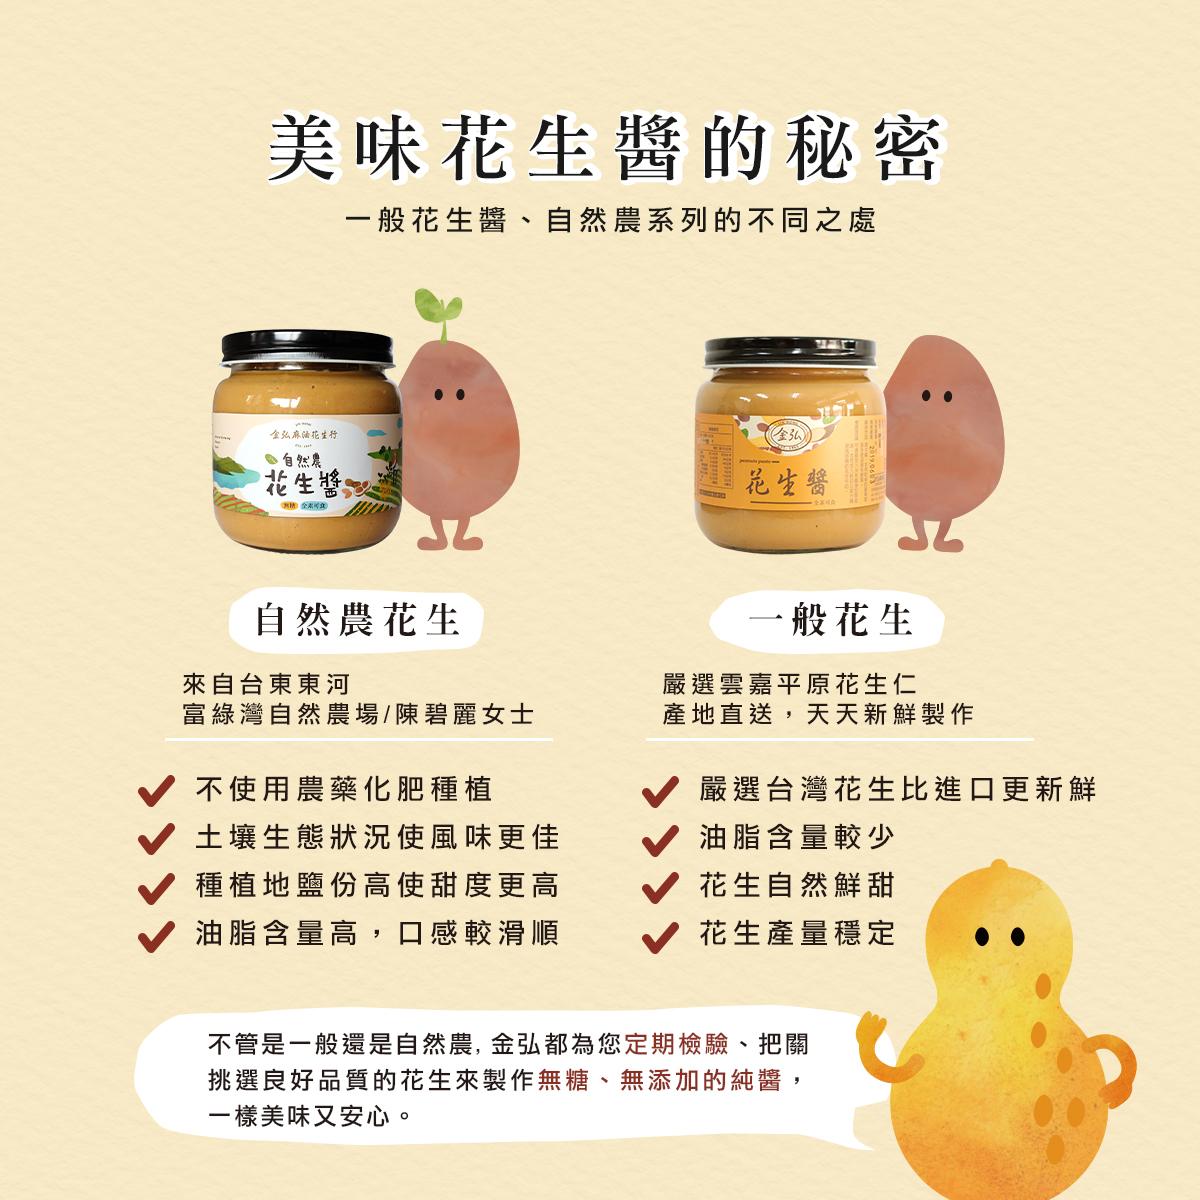 自然農花生醬與一般花生醬的不同